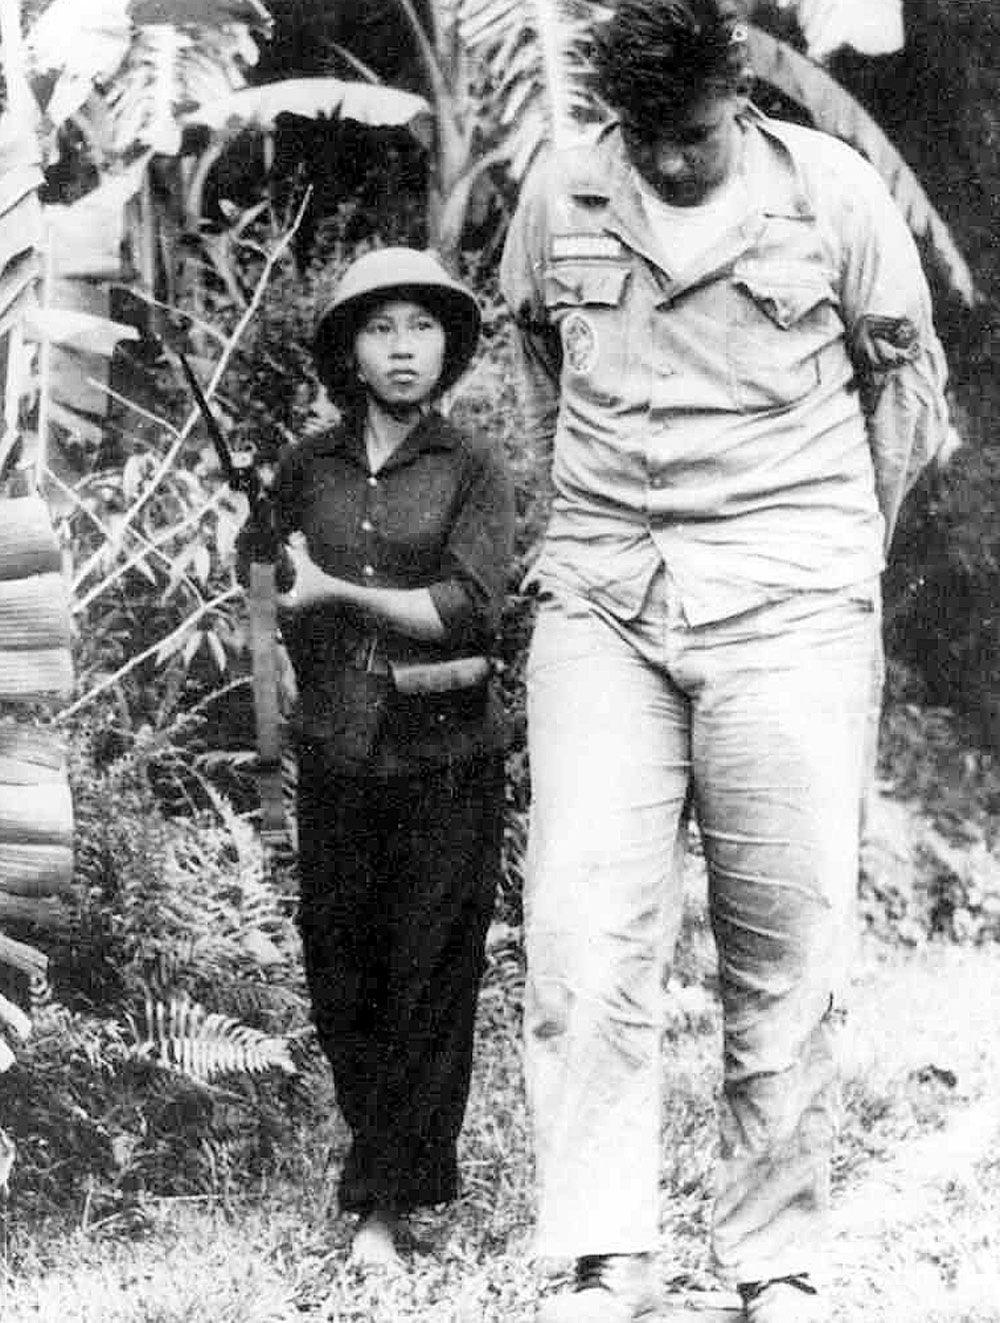 As mismo una gran victoria para el pueblo vietnamita y para los movimientos de liberaci n nacional en el mundo que vieron que era posible oponerse a los